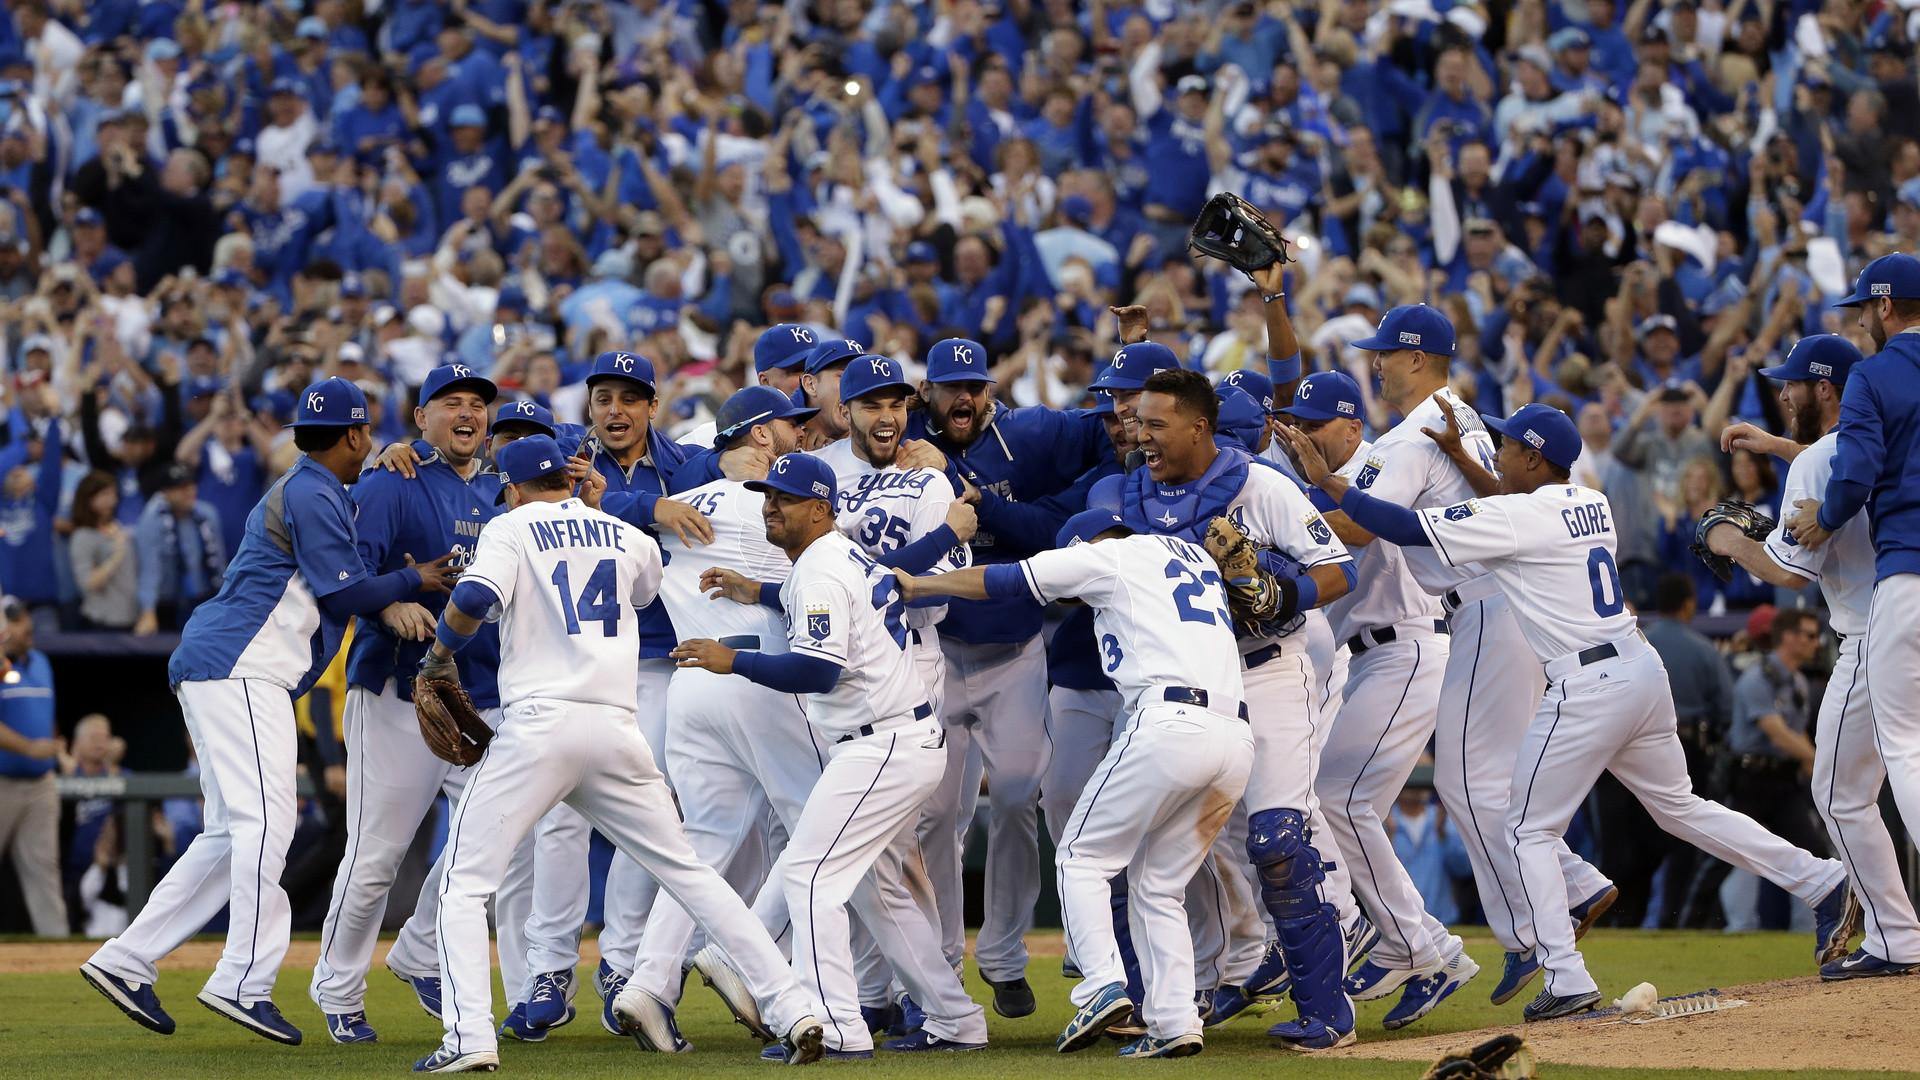 Mlb, Baseball, Kansas City Royals Team Champions, Sports, Kansas City Royals